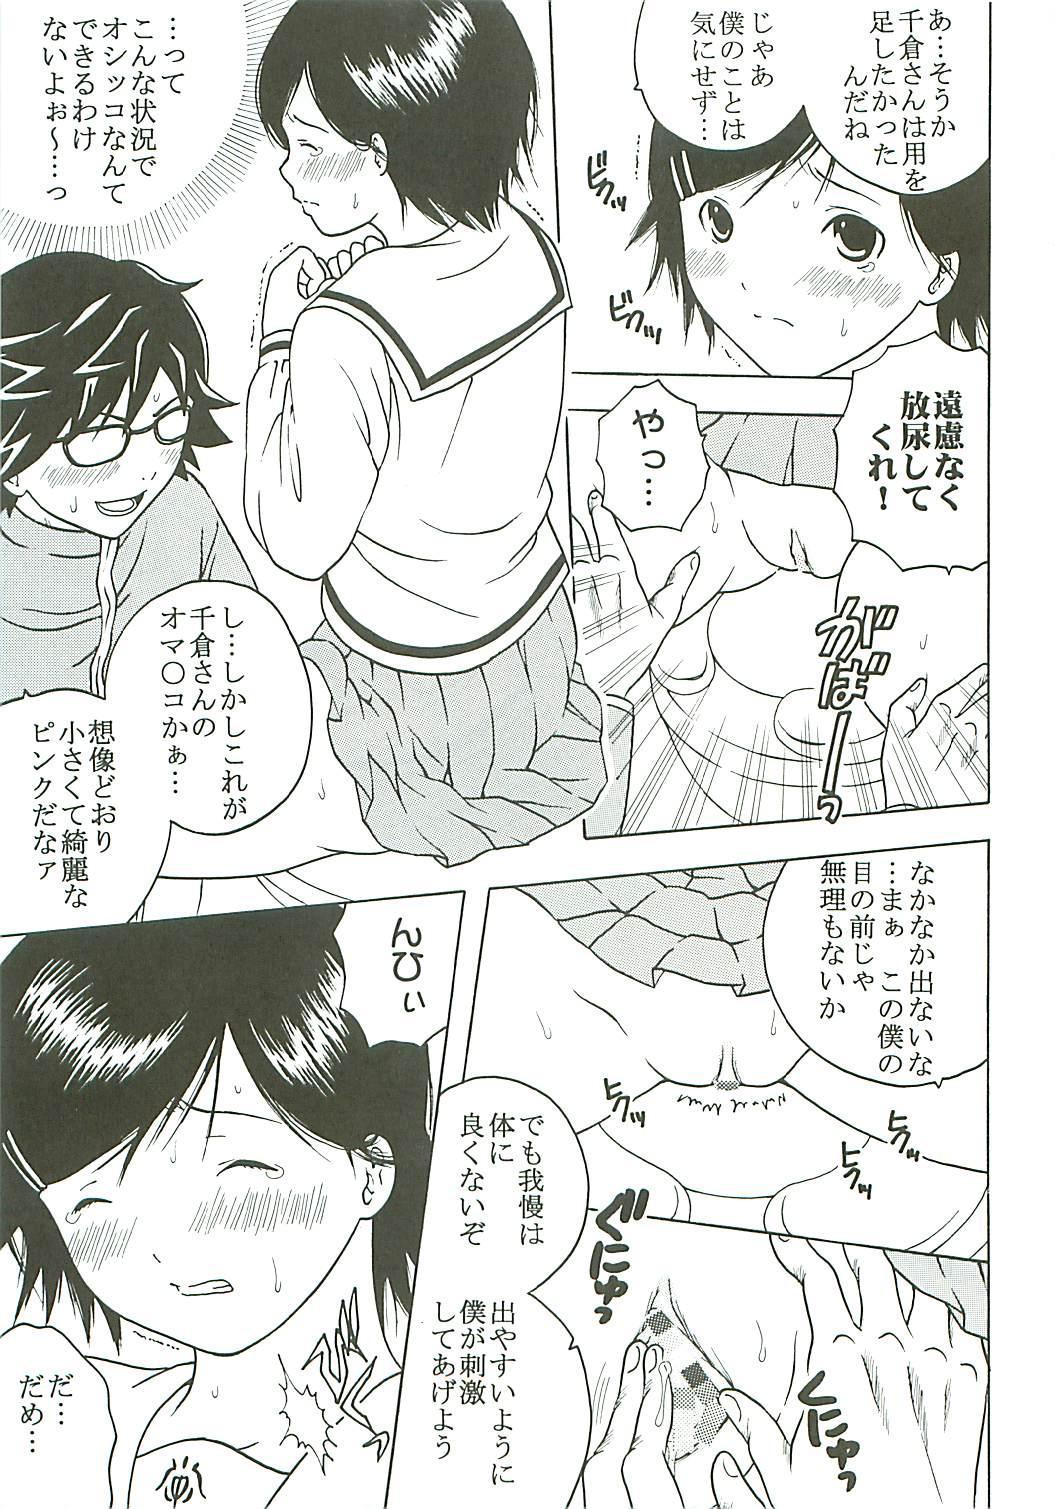 Chitsui Gentei Nakadashi Limited vol.4 5